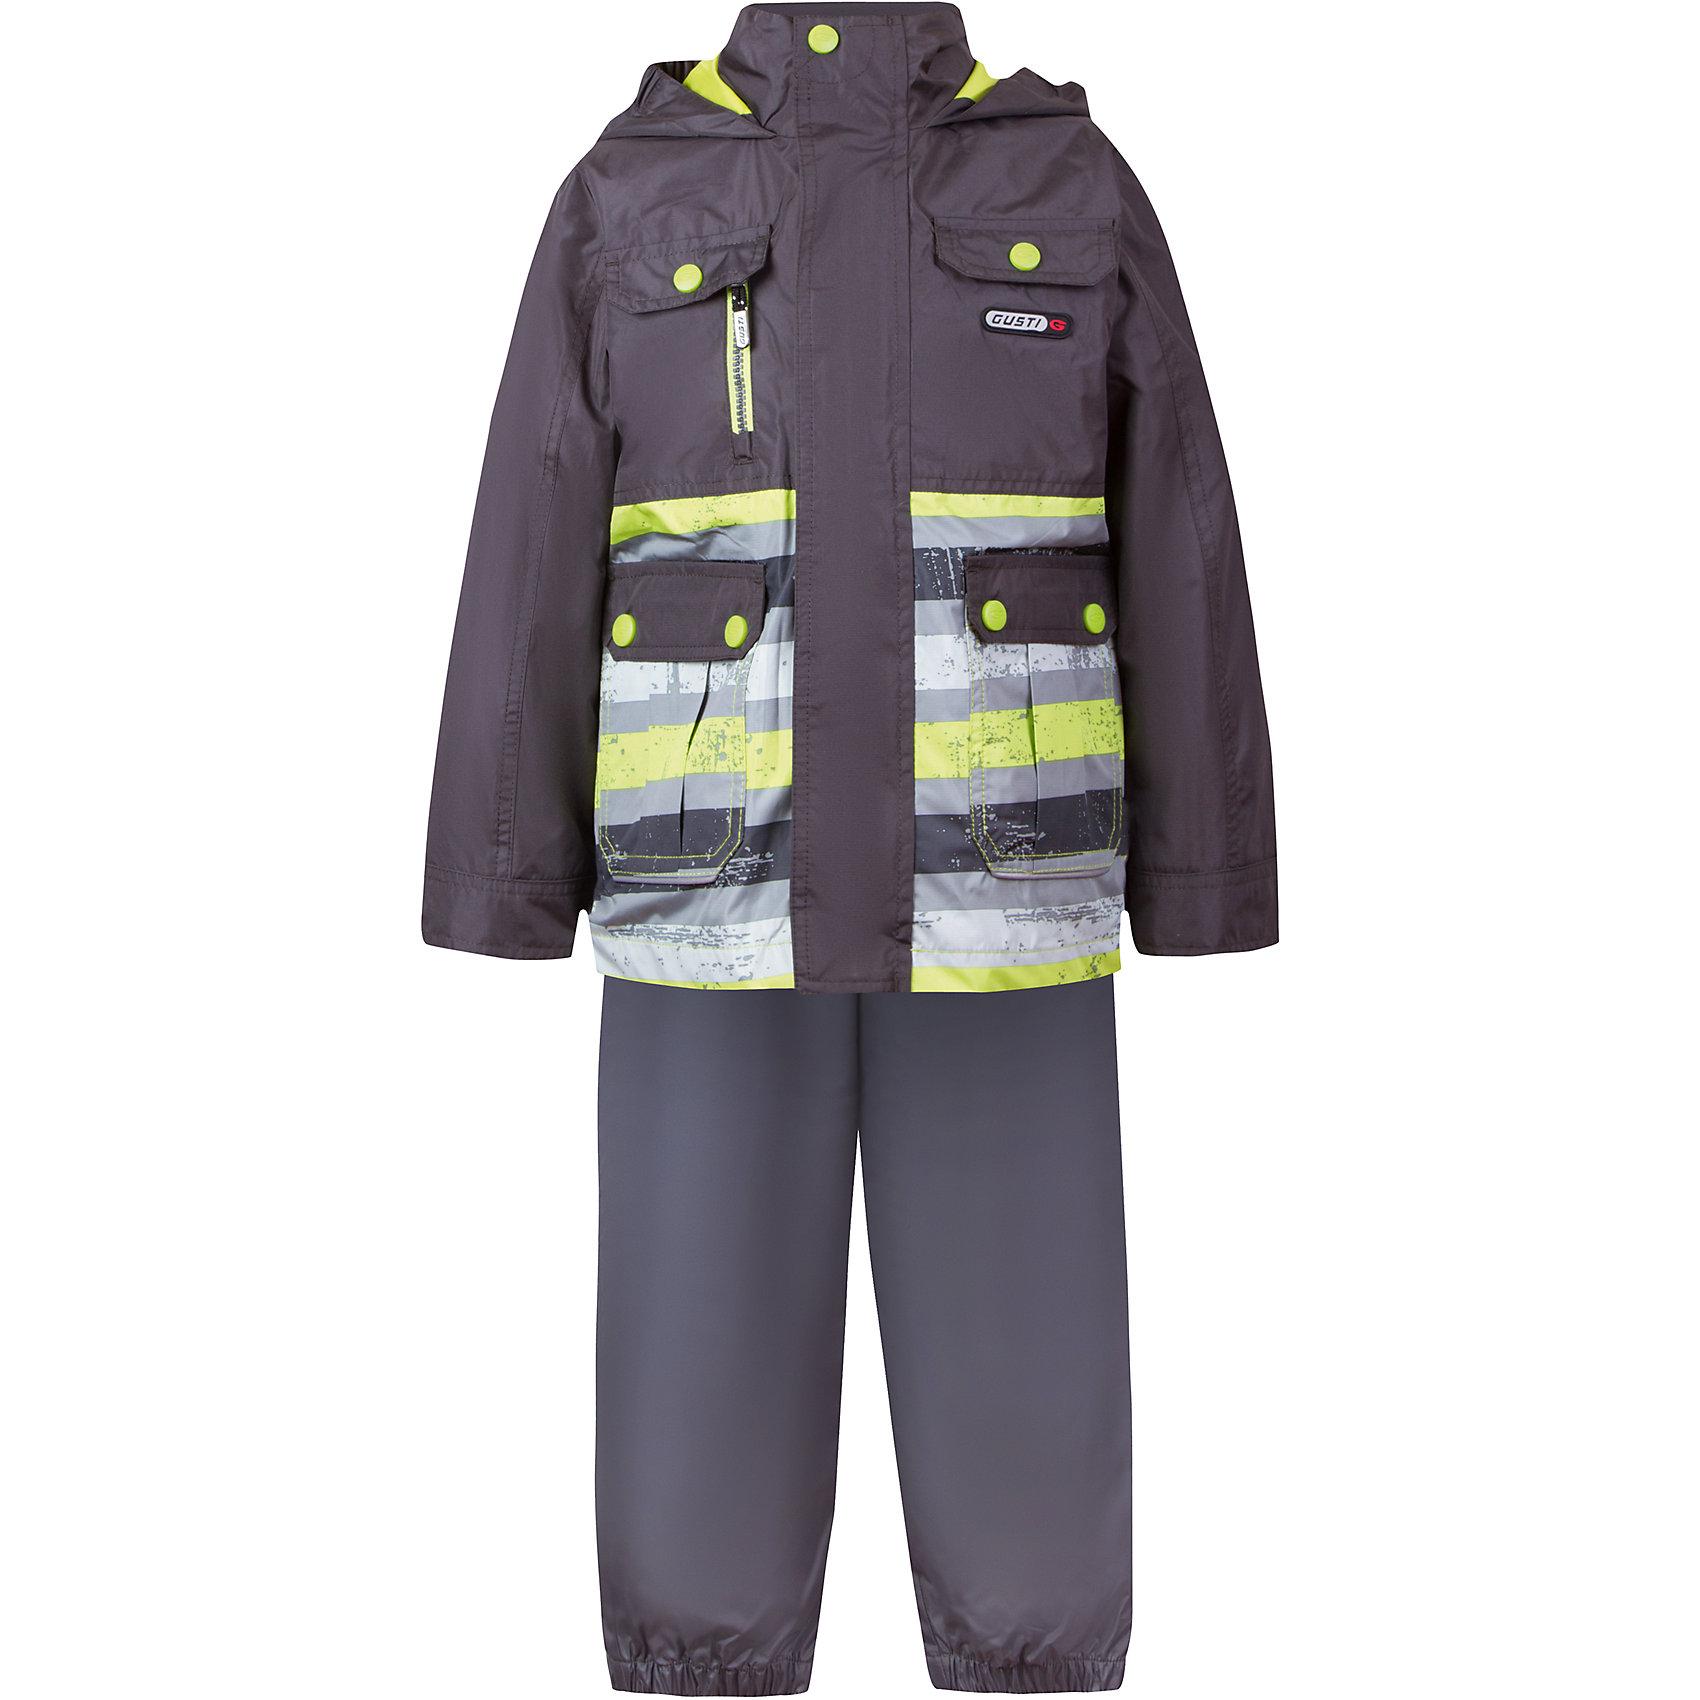 Комплект: куртка, толстовка и брюки для мальчика GustiВерхняя одежда<br>Характеристики товара:<br><br>• цвет: серый<br>• куртка: 100% полиэстер, съёмная флисовая толстовка: 100% полиэстер<br>• брюки: верх 100% полиэстер, подкладка 100% х/б<br>• без утеплителя<br>• комплектация: куртка, съемная флисовая подкладка, брюки<br>• температурный режим: от 0° С до +15° С<br>• водонепроницаемость: 2000 мм<br>• воздухопроницаемость: 2000 мм<br>• ветронепродуваемый<br>• капюшон не отстёгивается<br>• пять внешних карманов<br>• съемные подтяжки<br>• брючины эластичные<br>• светоотражающие элементы<br>• молния<br>• страна бренда: Канада<br><br>Этот демисезонный комплект из куртки, пристегивающейся к ней толстовки из флиса, и штанов поможет обеспечить ребенку комфорт и тепло. Предметы удобно садятся по фигуре, отлично смотрятся с различной обувью. Комплект очень модно выглядит, он хорошо защищает от ветра и влаги. Материал отлично подходит для дождливой погоды. Стильный дизайн разрабатывался специально для детей.<br><br>Комплект: куртка, толстовка и брюки для мальчика от известного бренда Gusti (Густи) можно купить в нашем интернет-магазине.<br><br>Ширина мм: 356<br>Глубина мм: 10<br>Высота мм: 245<br>Вес г: 519<br>Цвет: черный<br>Возраст от месяцев: 12<br>Возраст до месяцев: 15<br>Пол: Мужской<br>Возраст: Детский<br>Размер: 80,122,128,140,152,86,90,92,98,100,104,110,116,120<br>SKU: 5452320